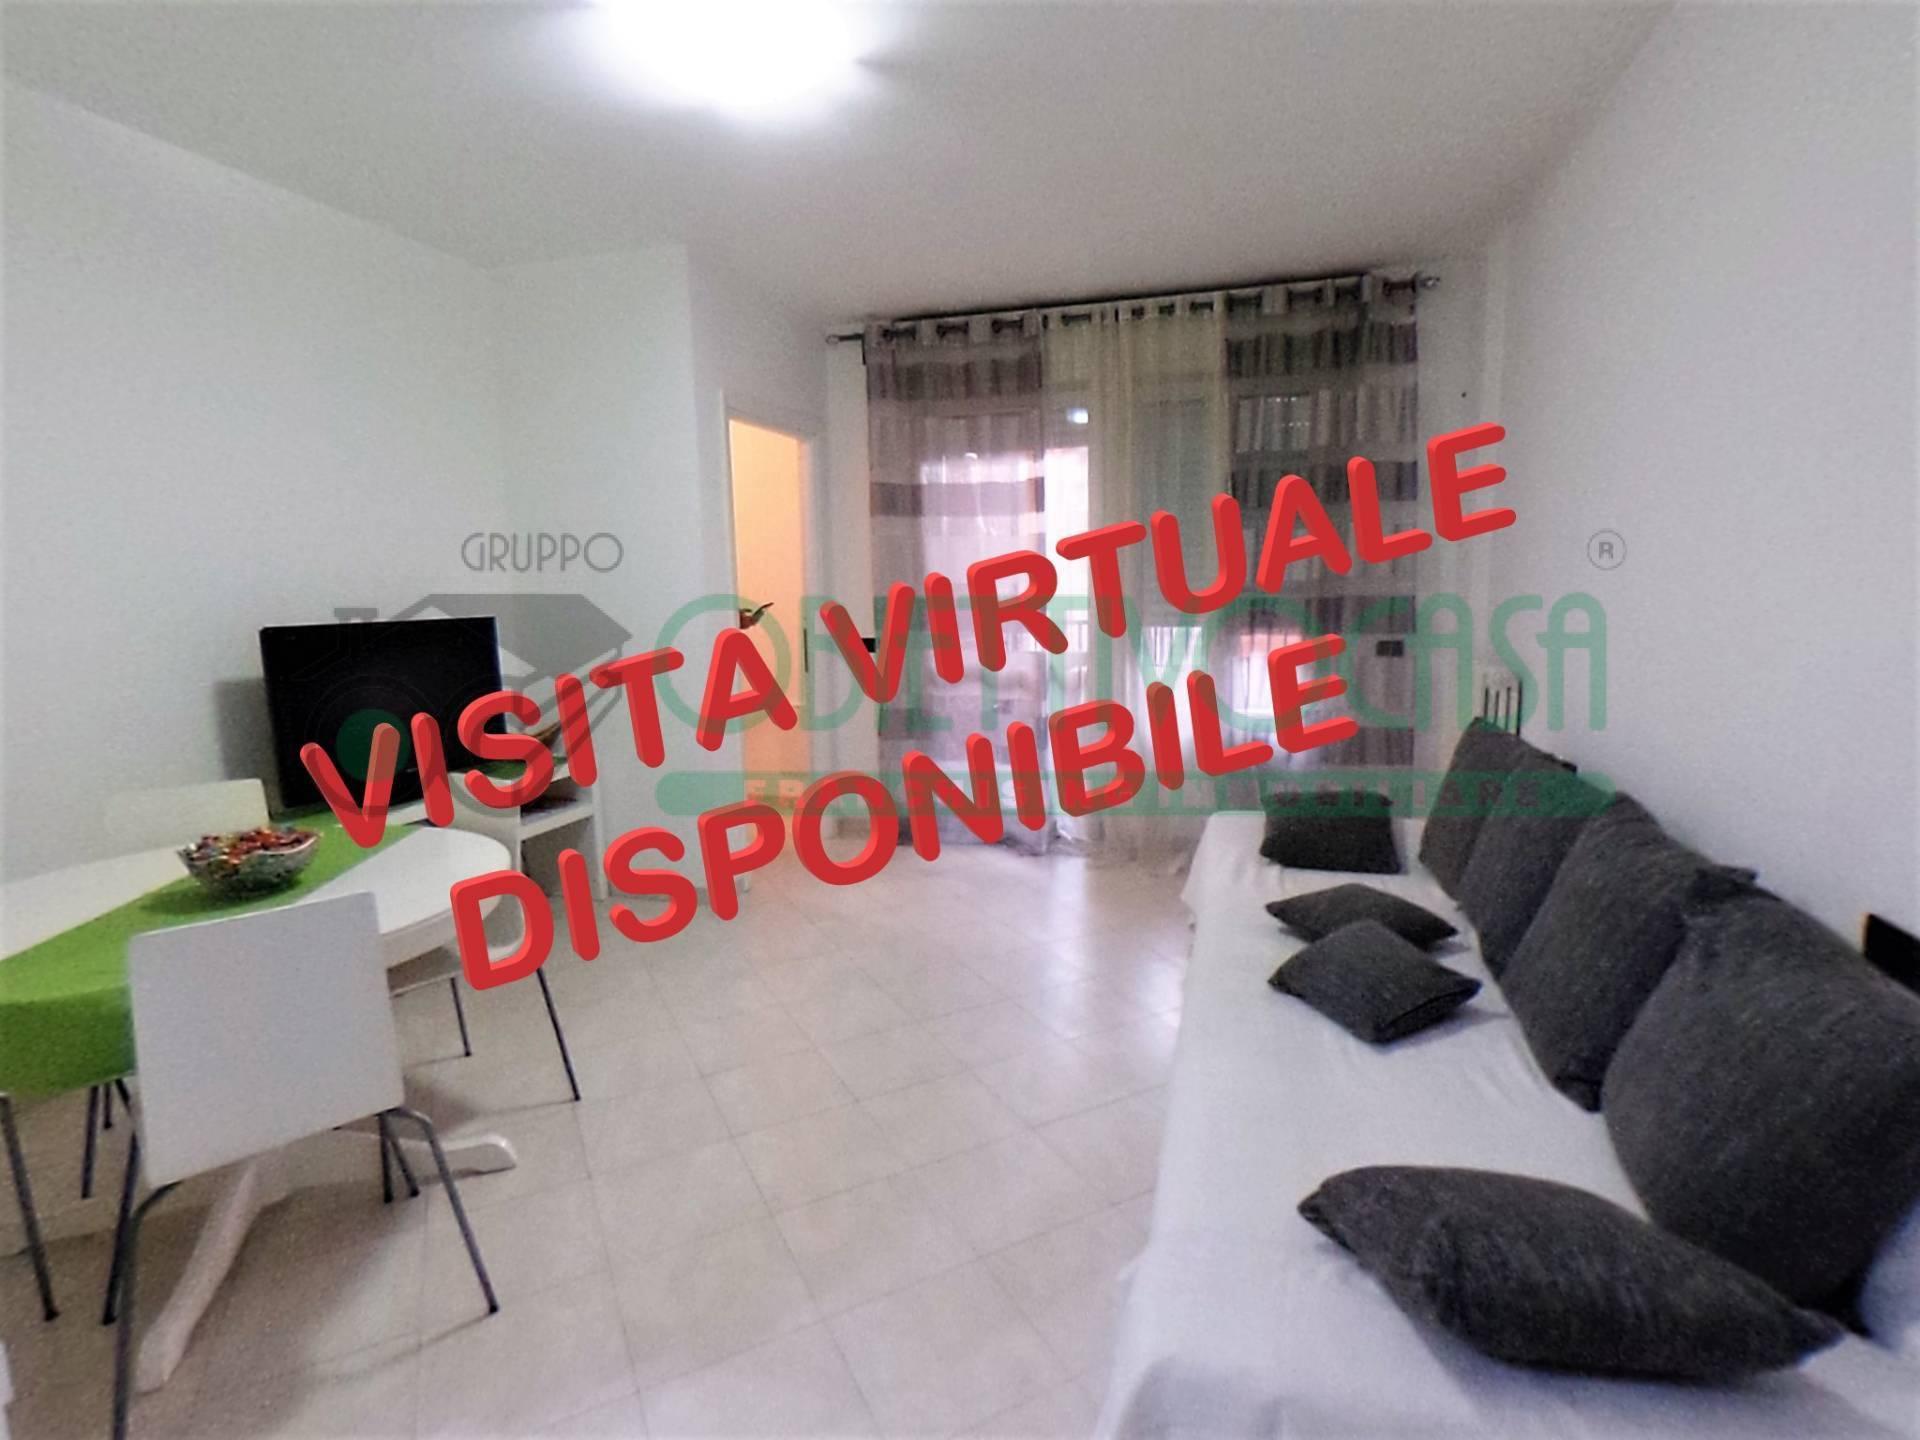 Appartamento in vendita a Corsico, 2 locali, zona Località: Centro, prezzo € 190.000 | PortaleAgenzieImmobiliari.it